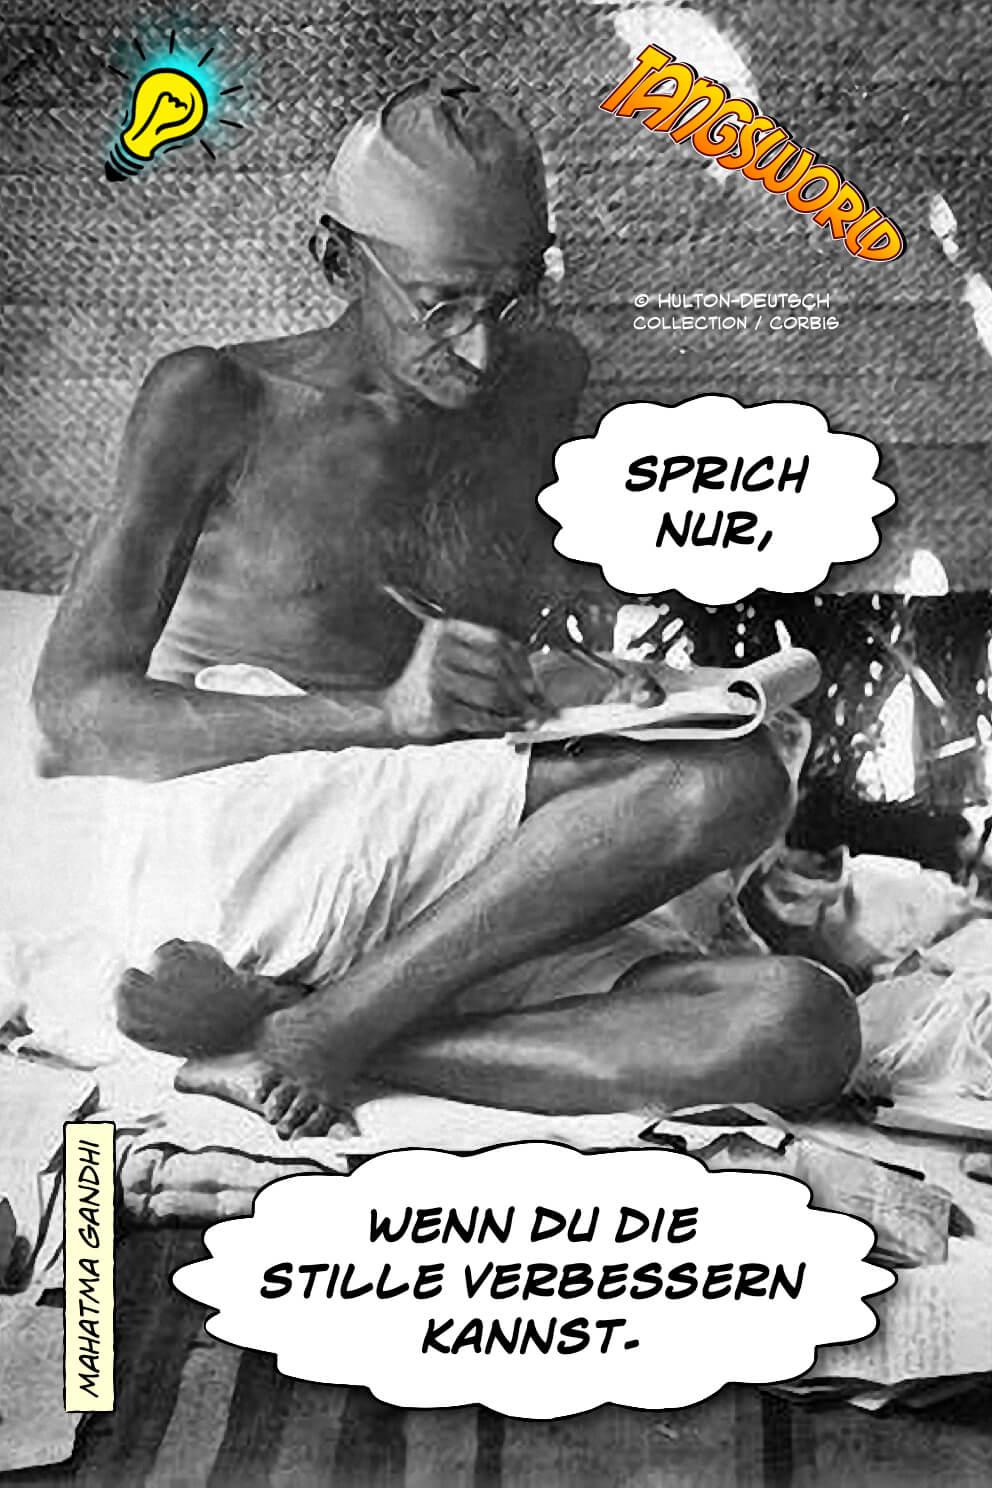 Sprich nur, wenn Du die Stille verbessern kannst. - Mahatma Gandhi